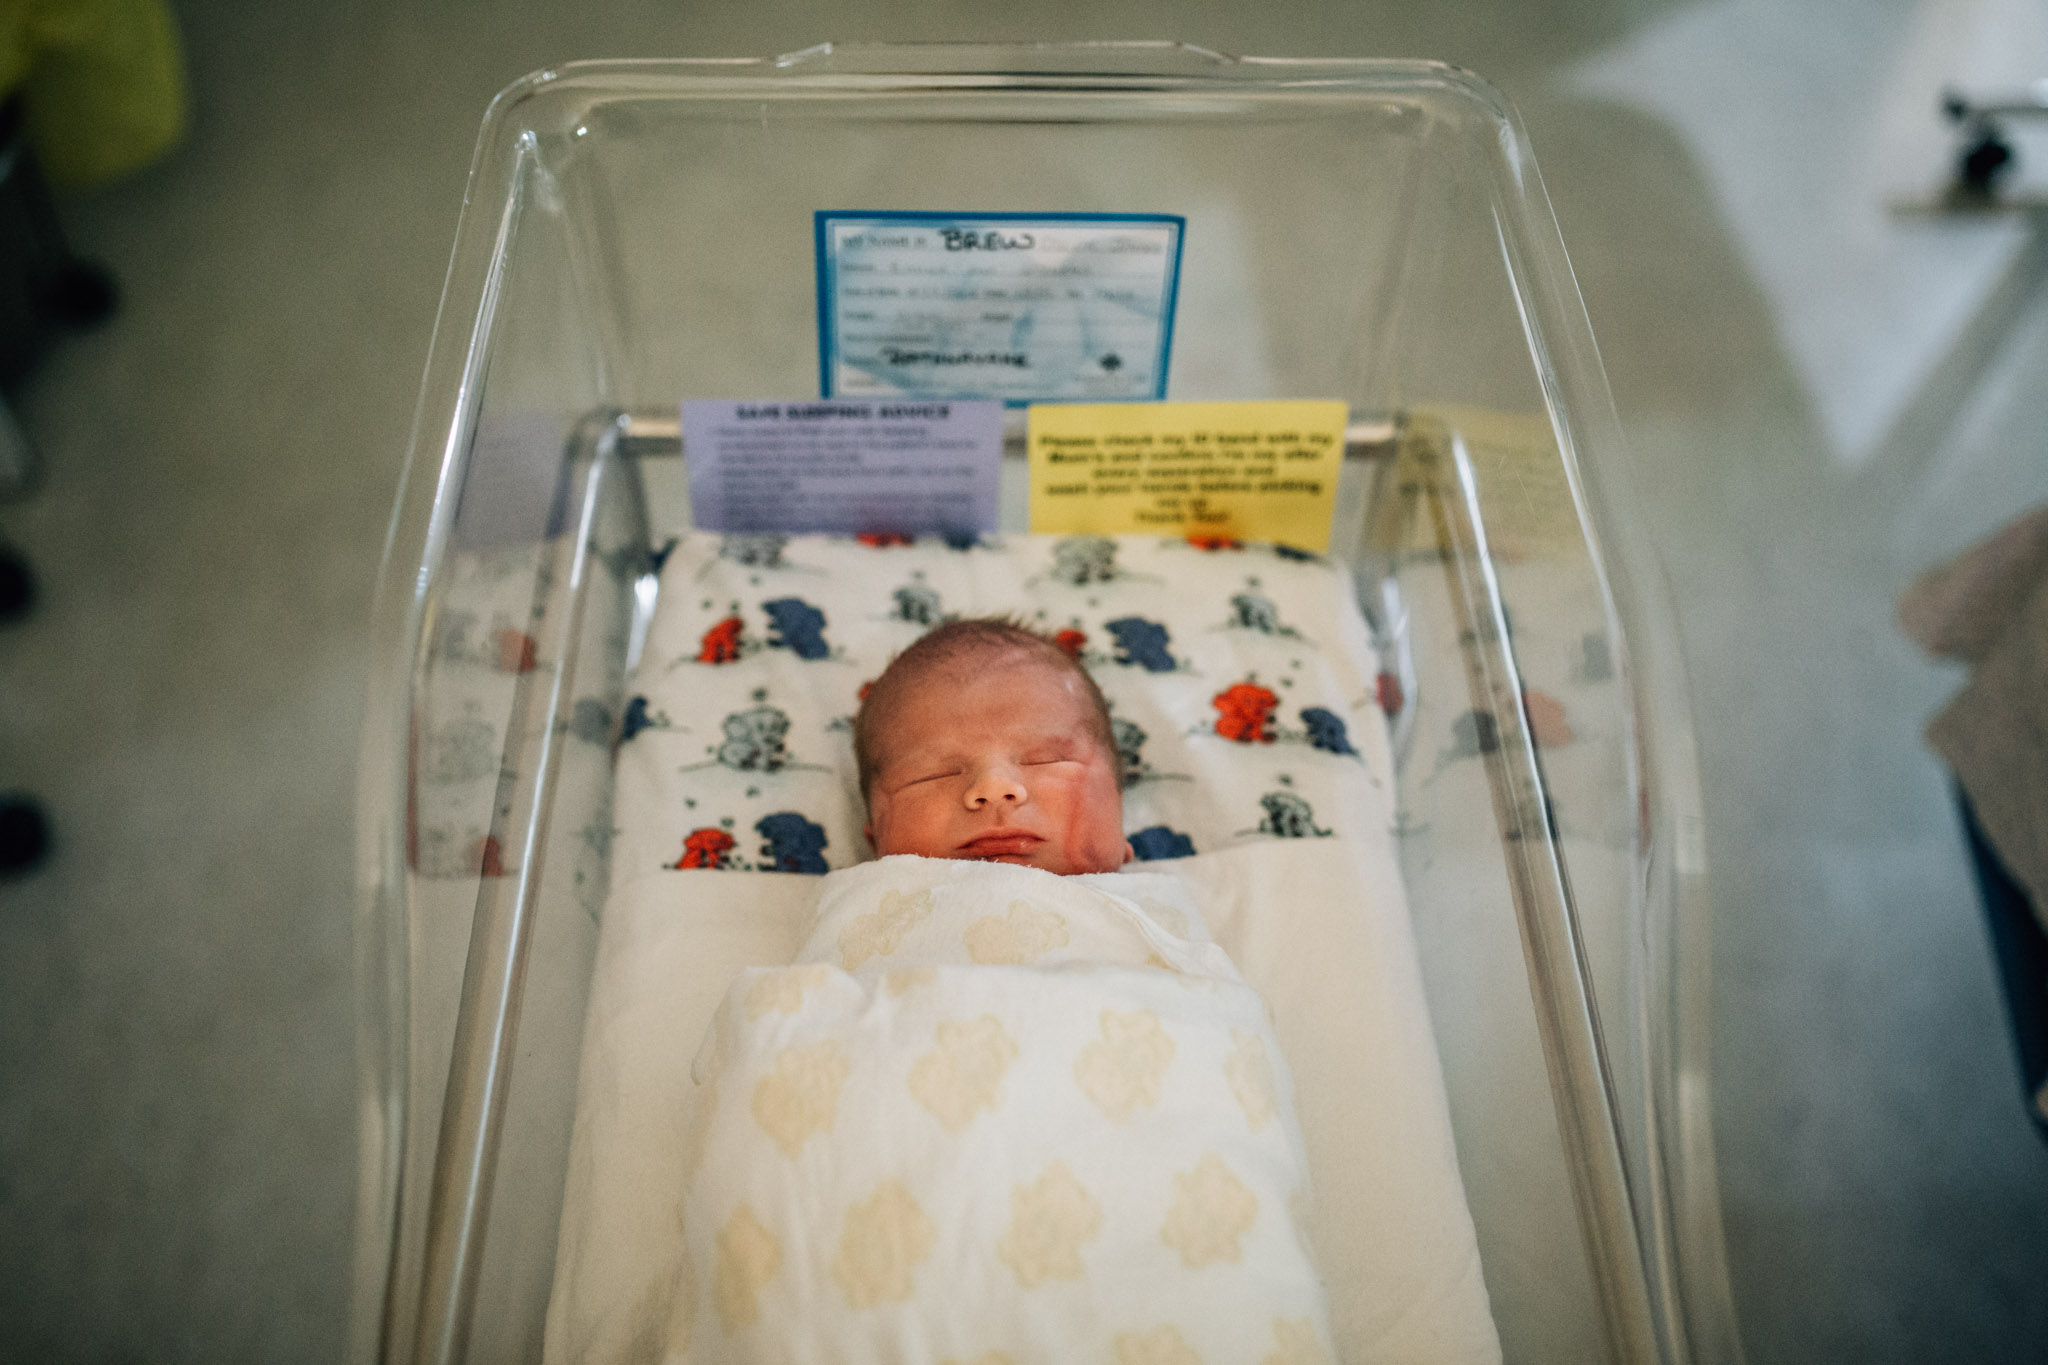 baby-sleeping-in-hospital-bassinet (1 of 1).jpg